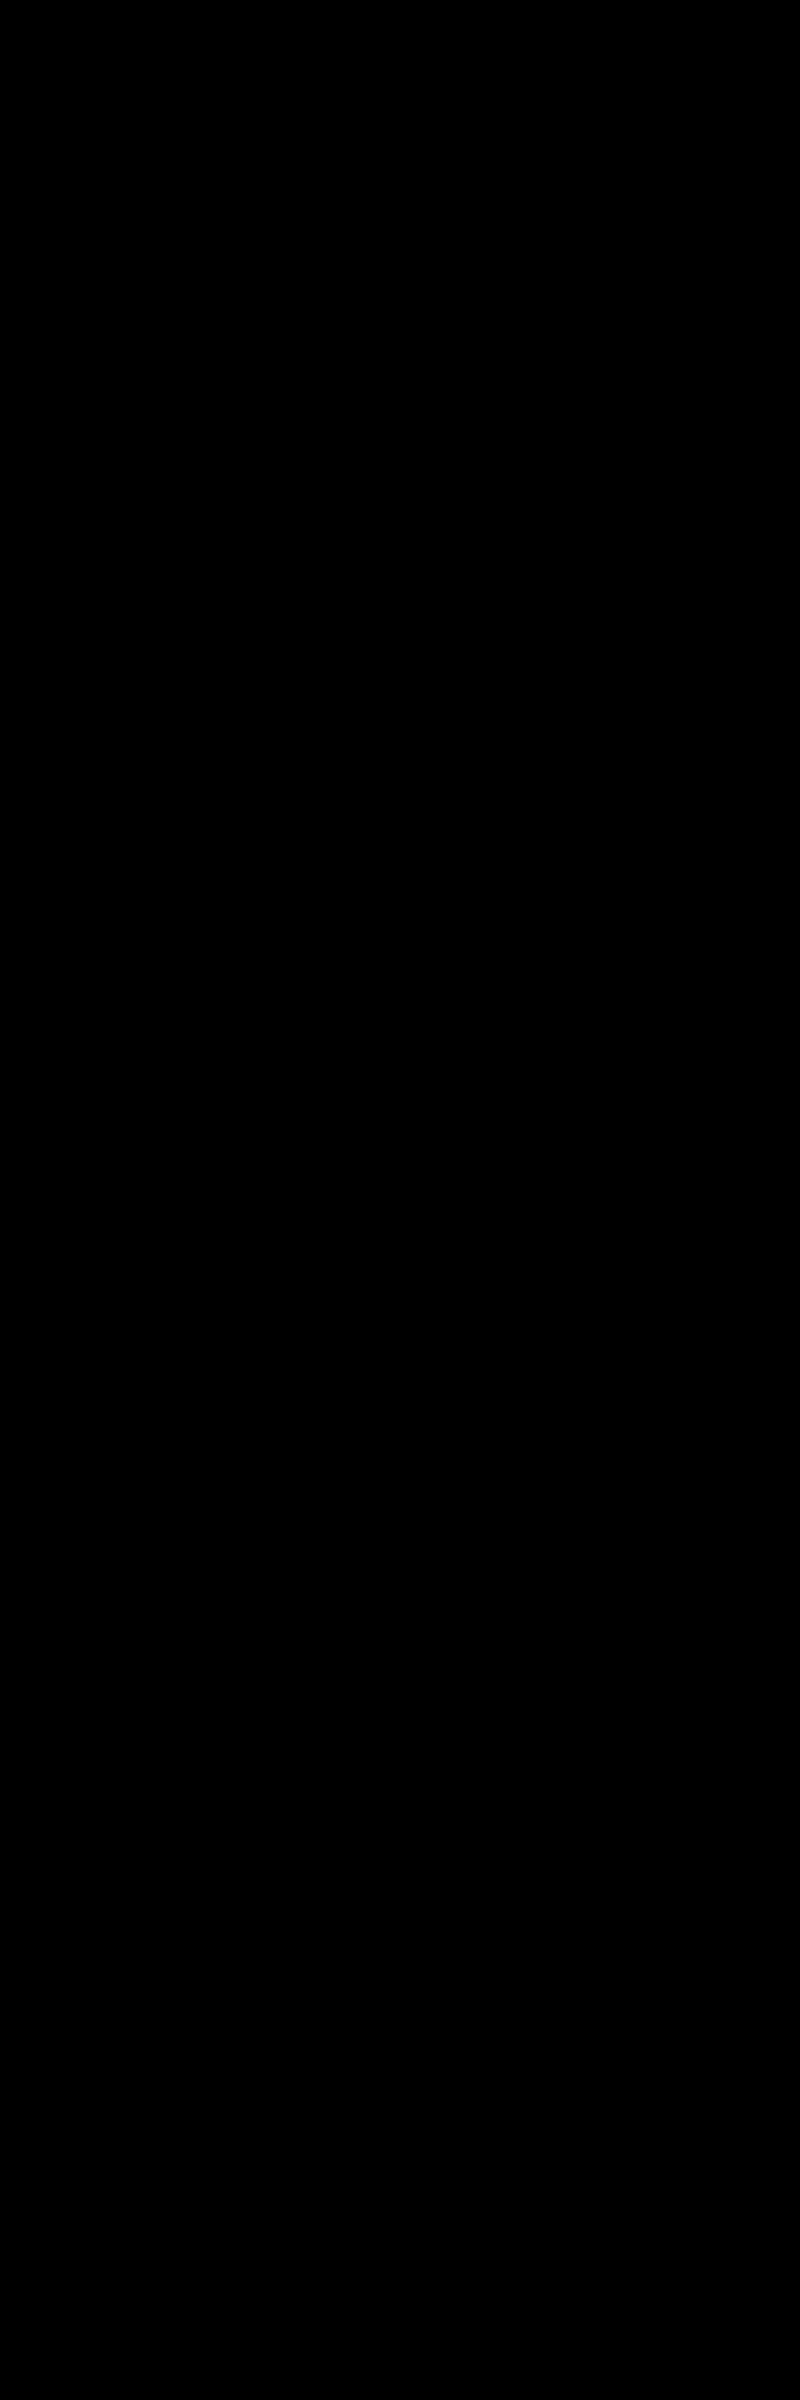 Noose PNG HD - 122097